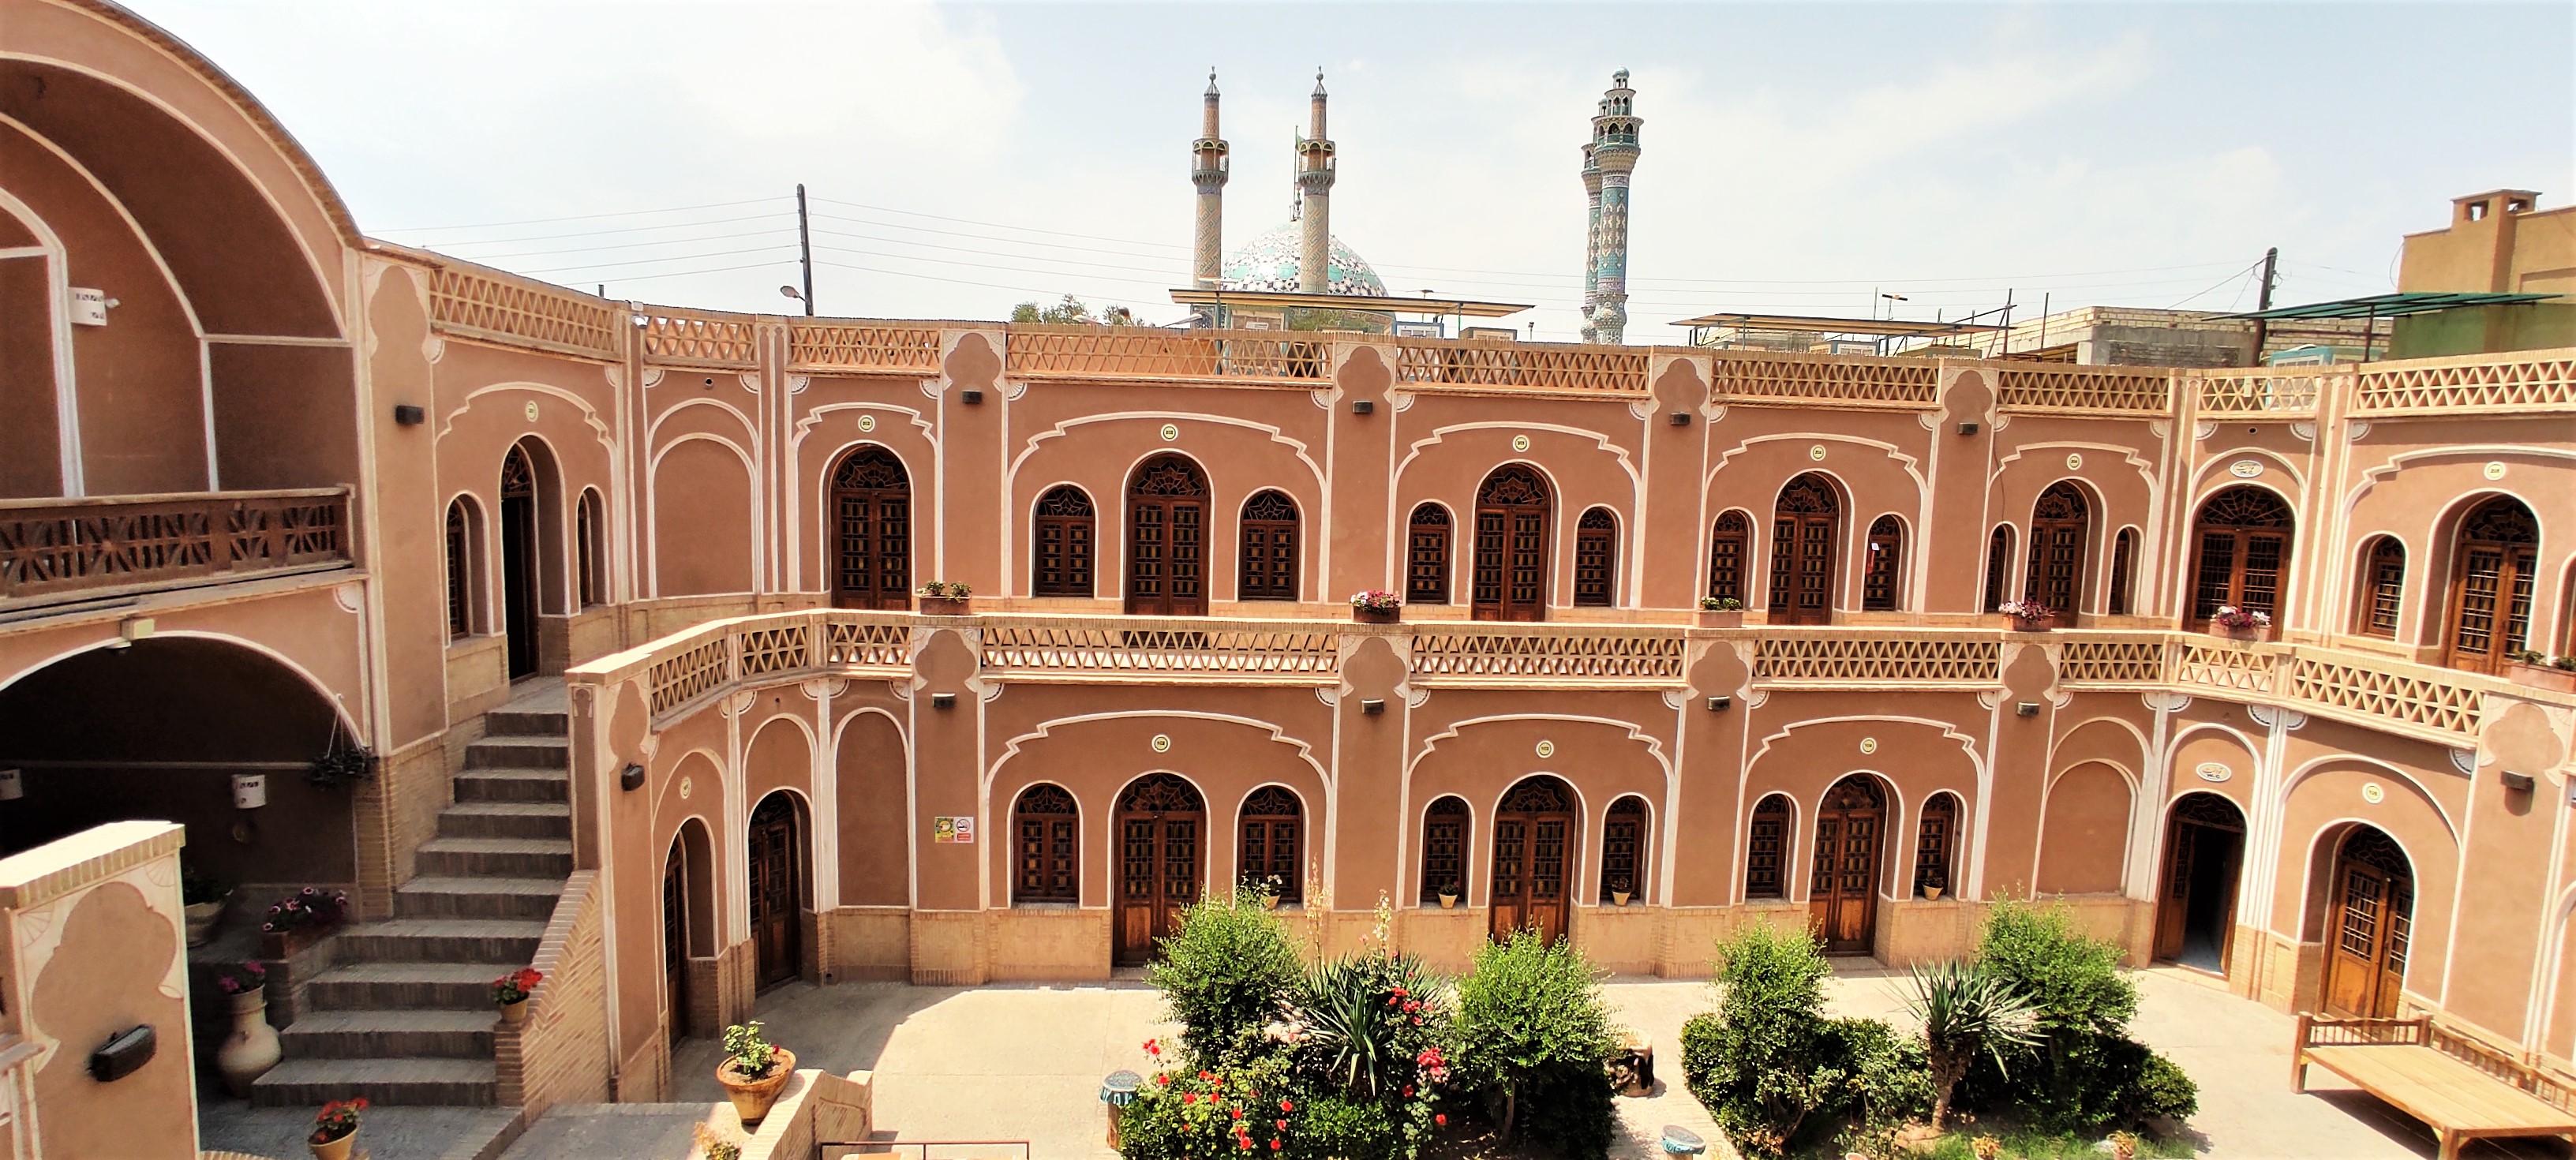 شهری سوئیت مبله در مصلی یزد - 211